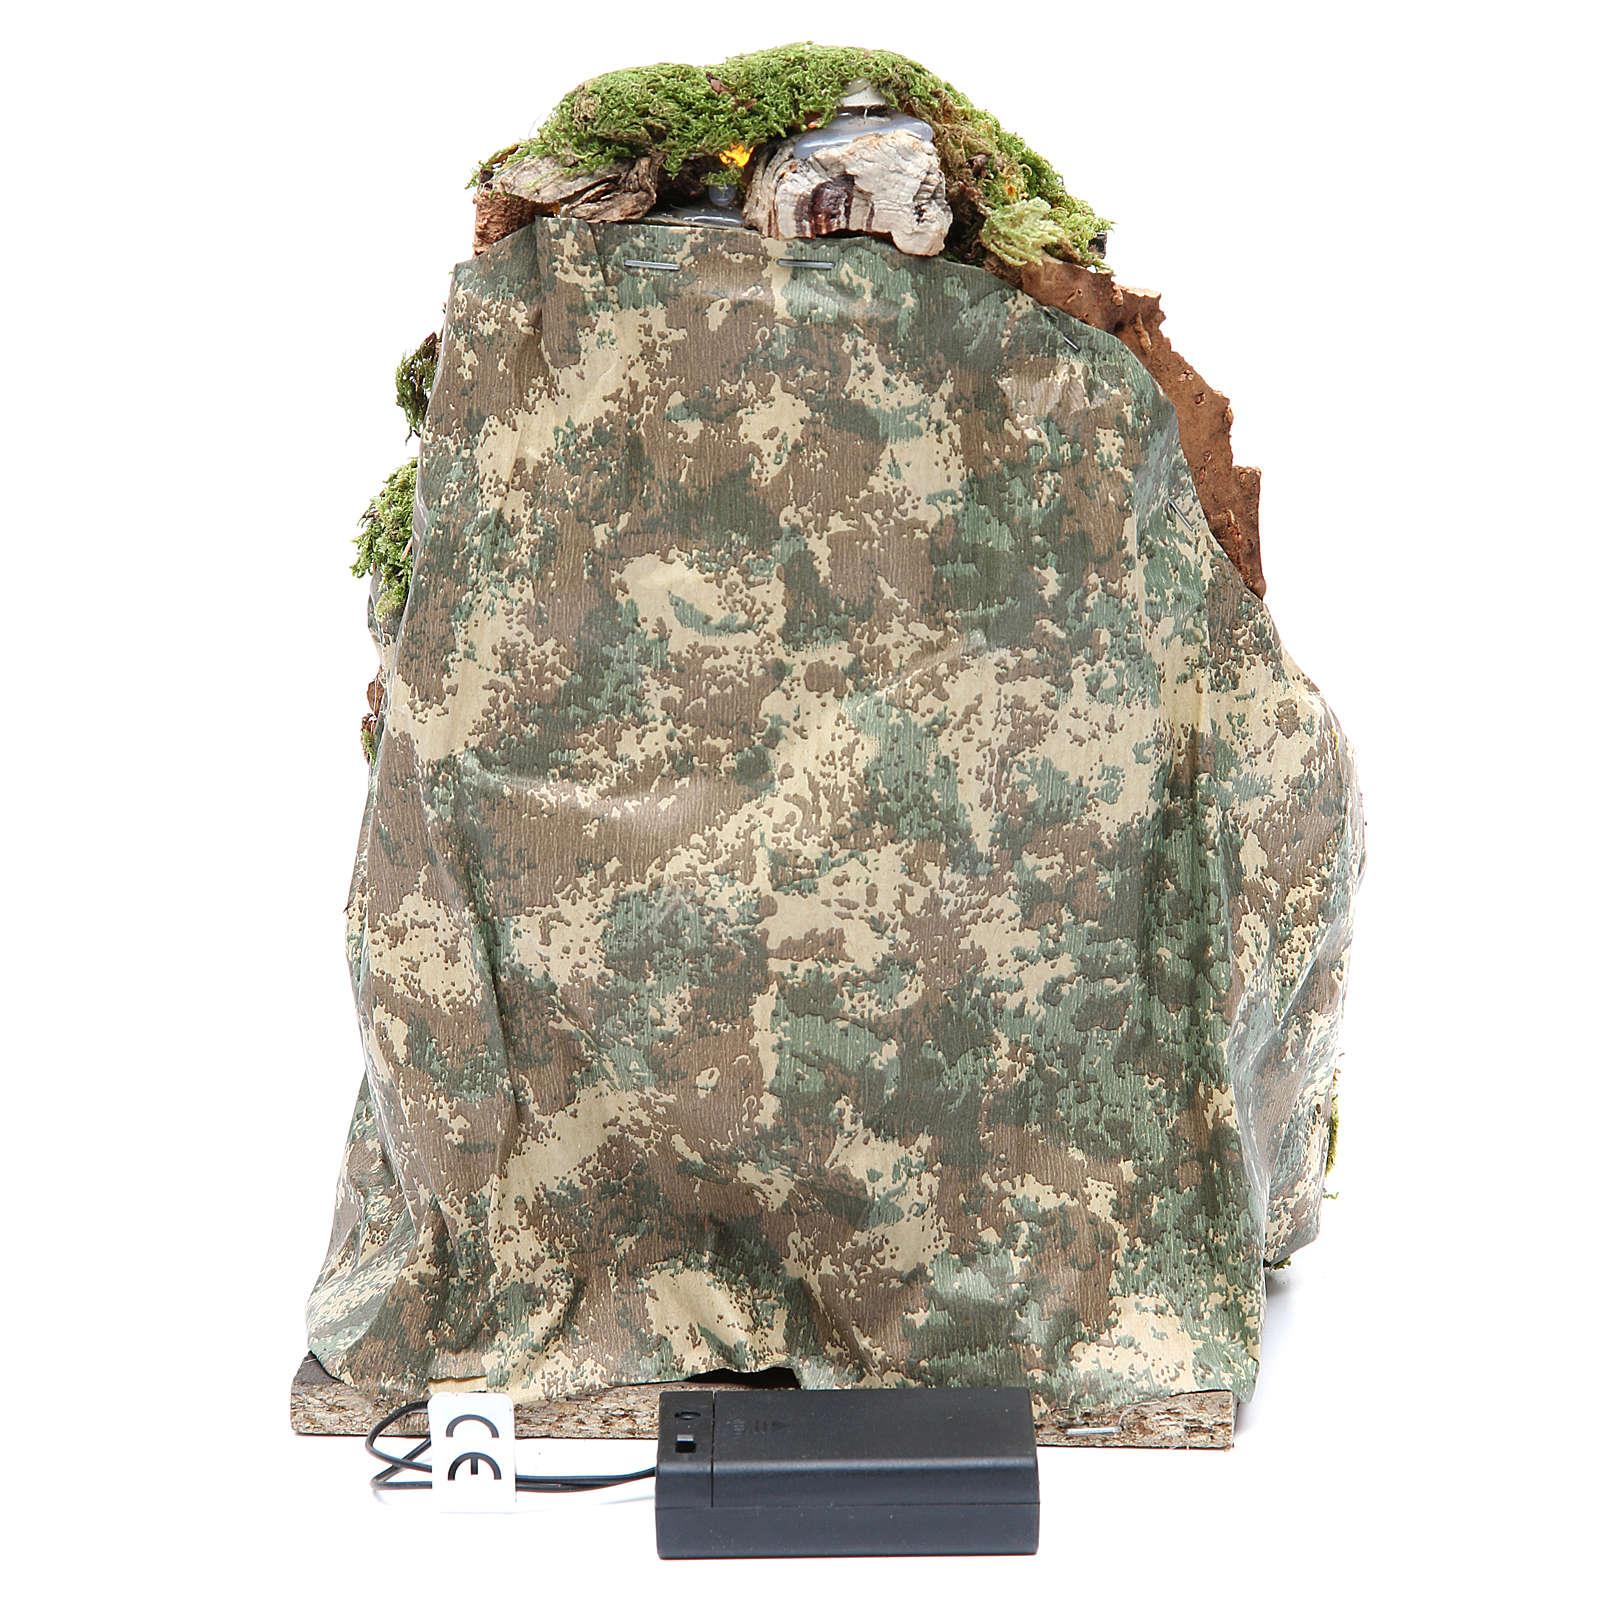 Grotta presepe cm 25x19x18 con 10 luci batteria 4